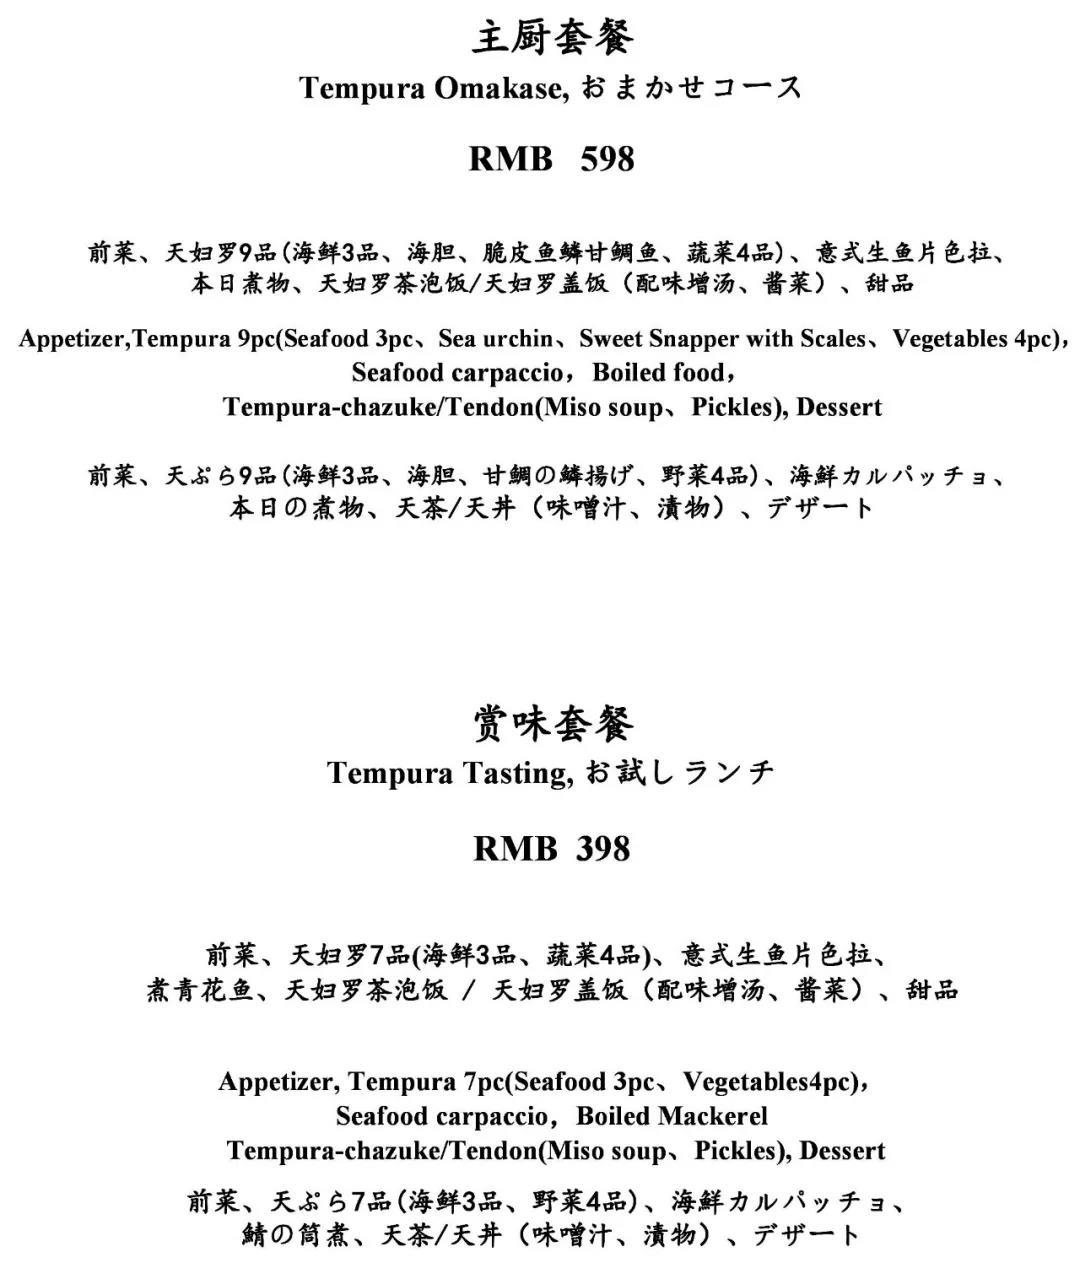 天ぷら [上海店] ランチメニュー3